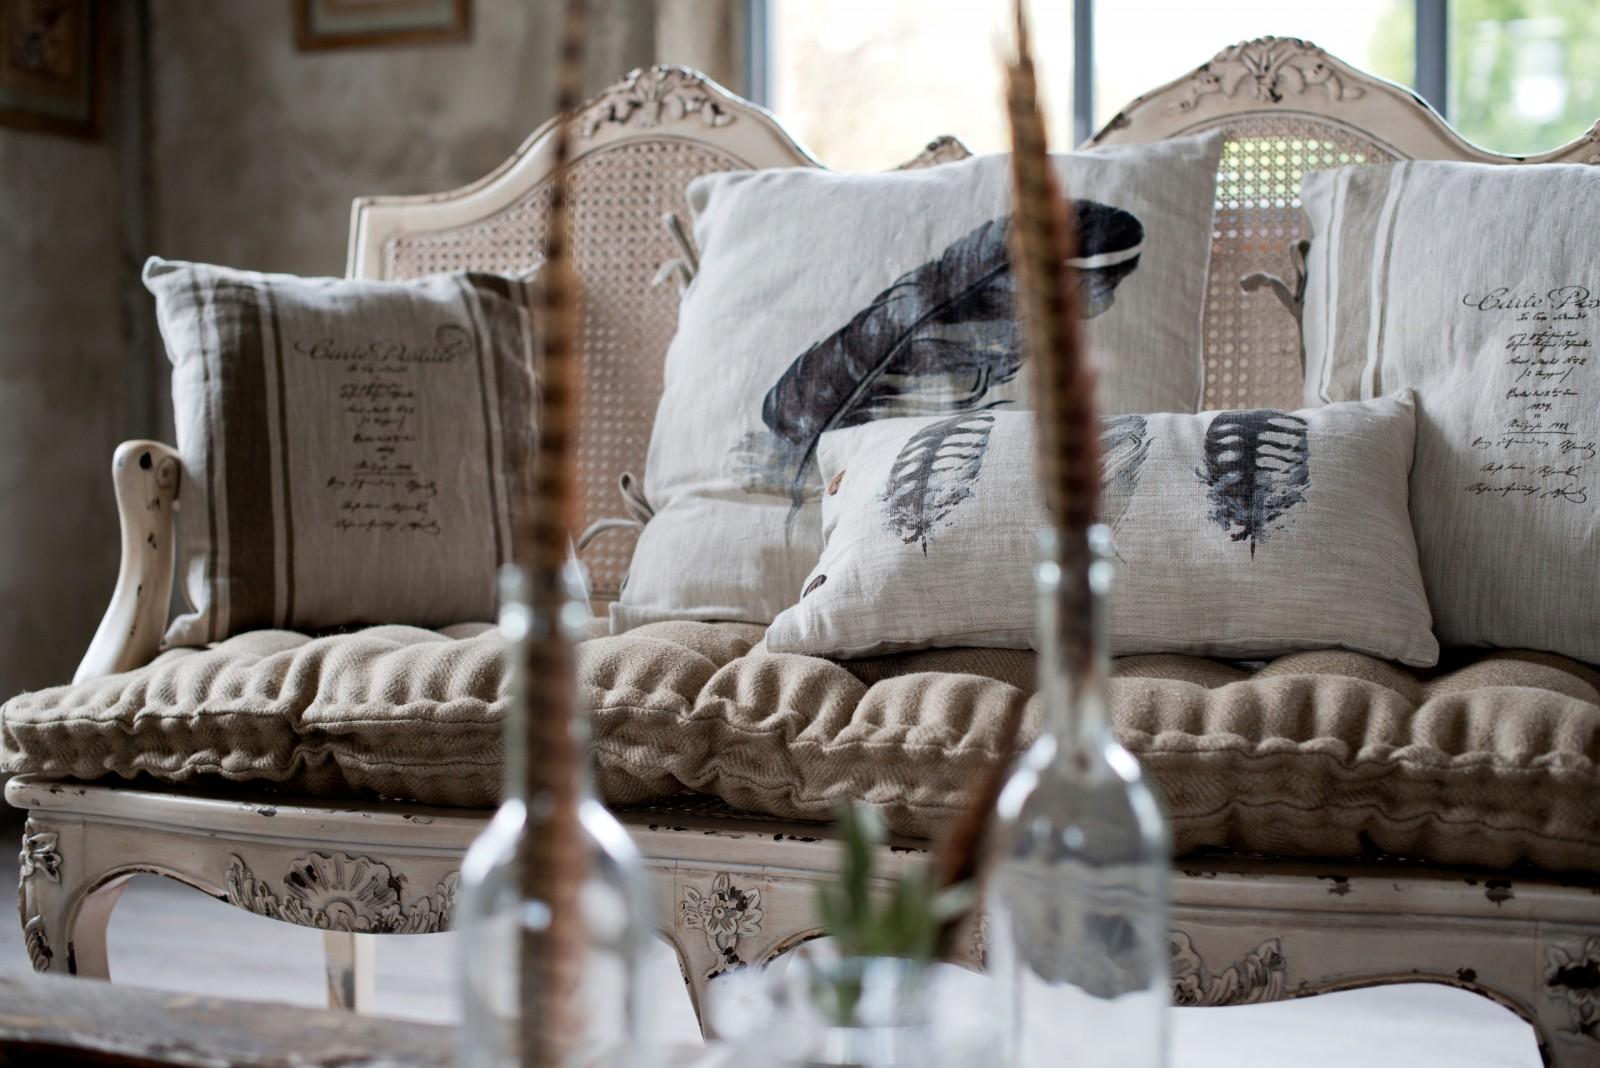 Blanc mariclo 39 jobdv studio - Blanc mariclo mobili ...